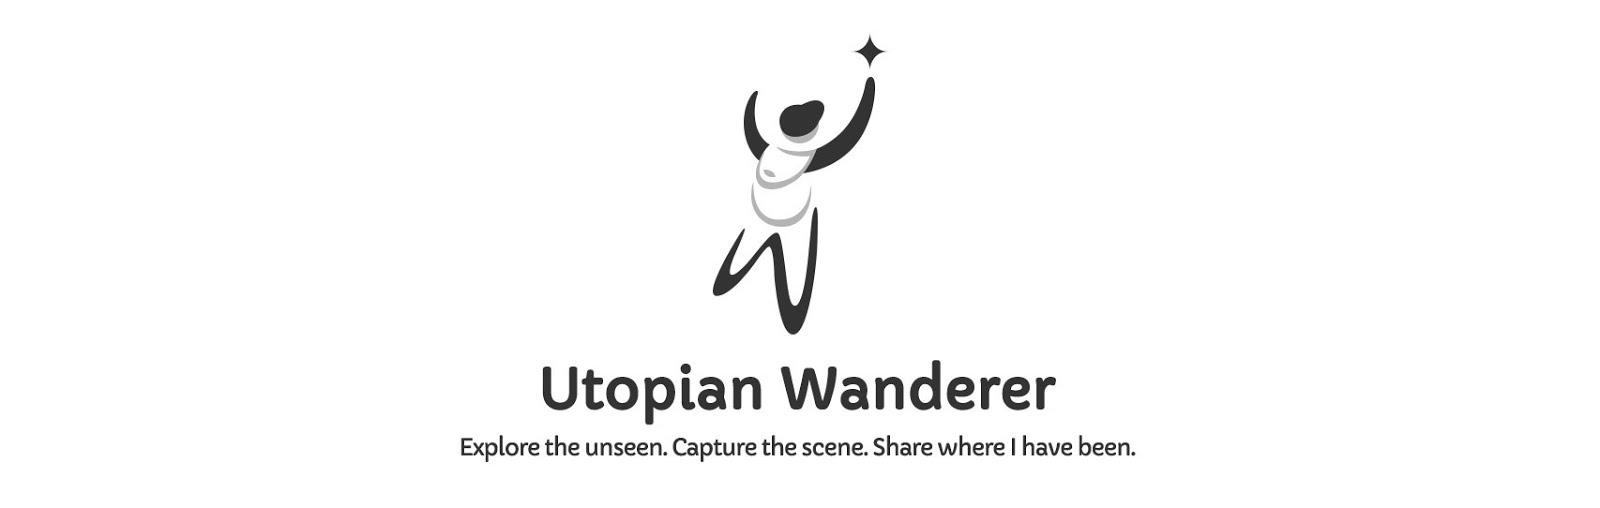 Utopian Wanderer